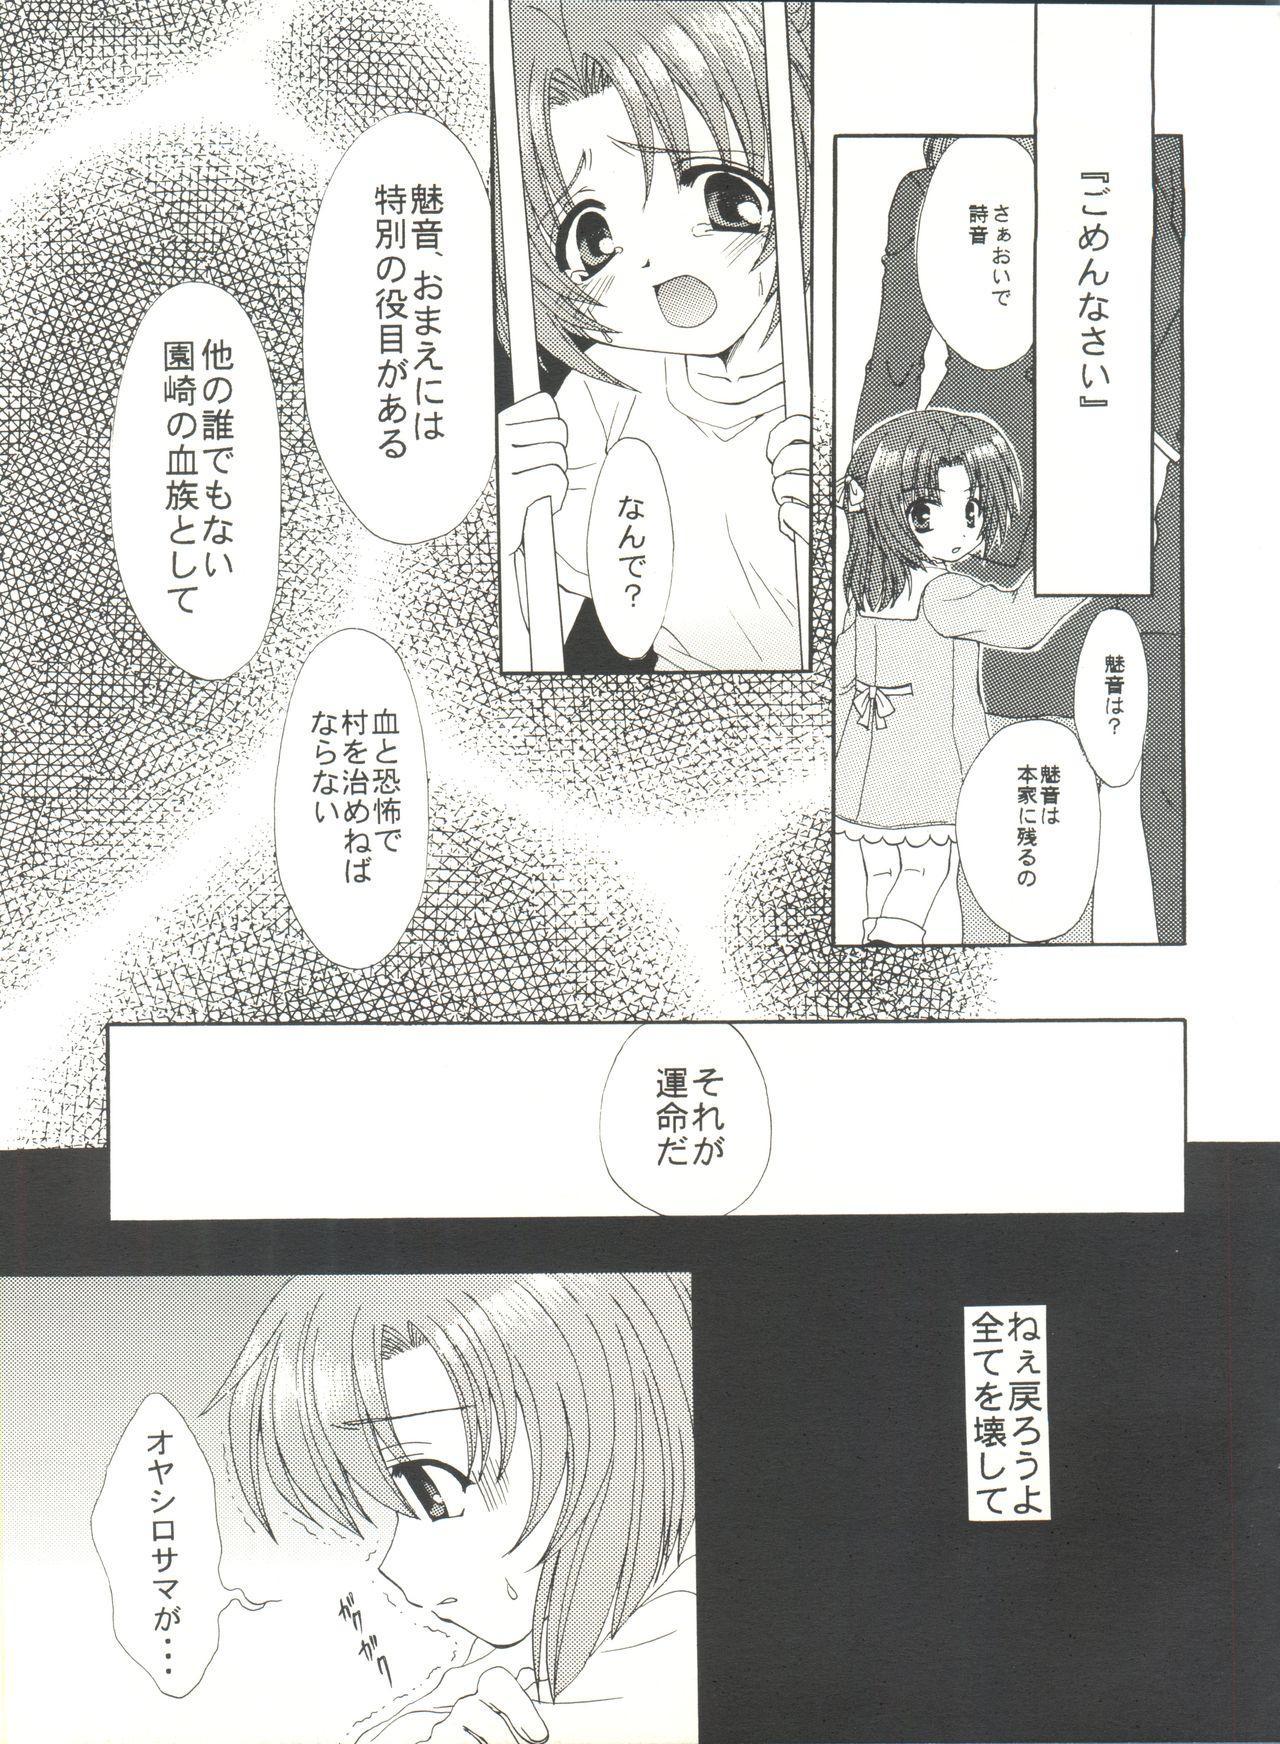 Higurashi no Naku ya ni 16